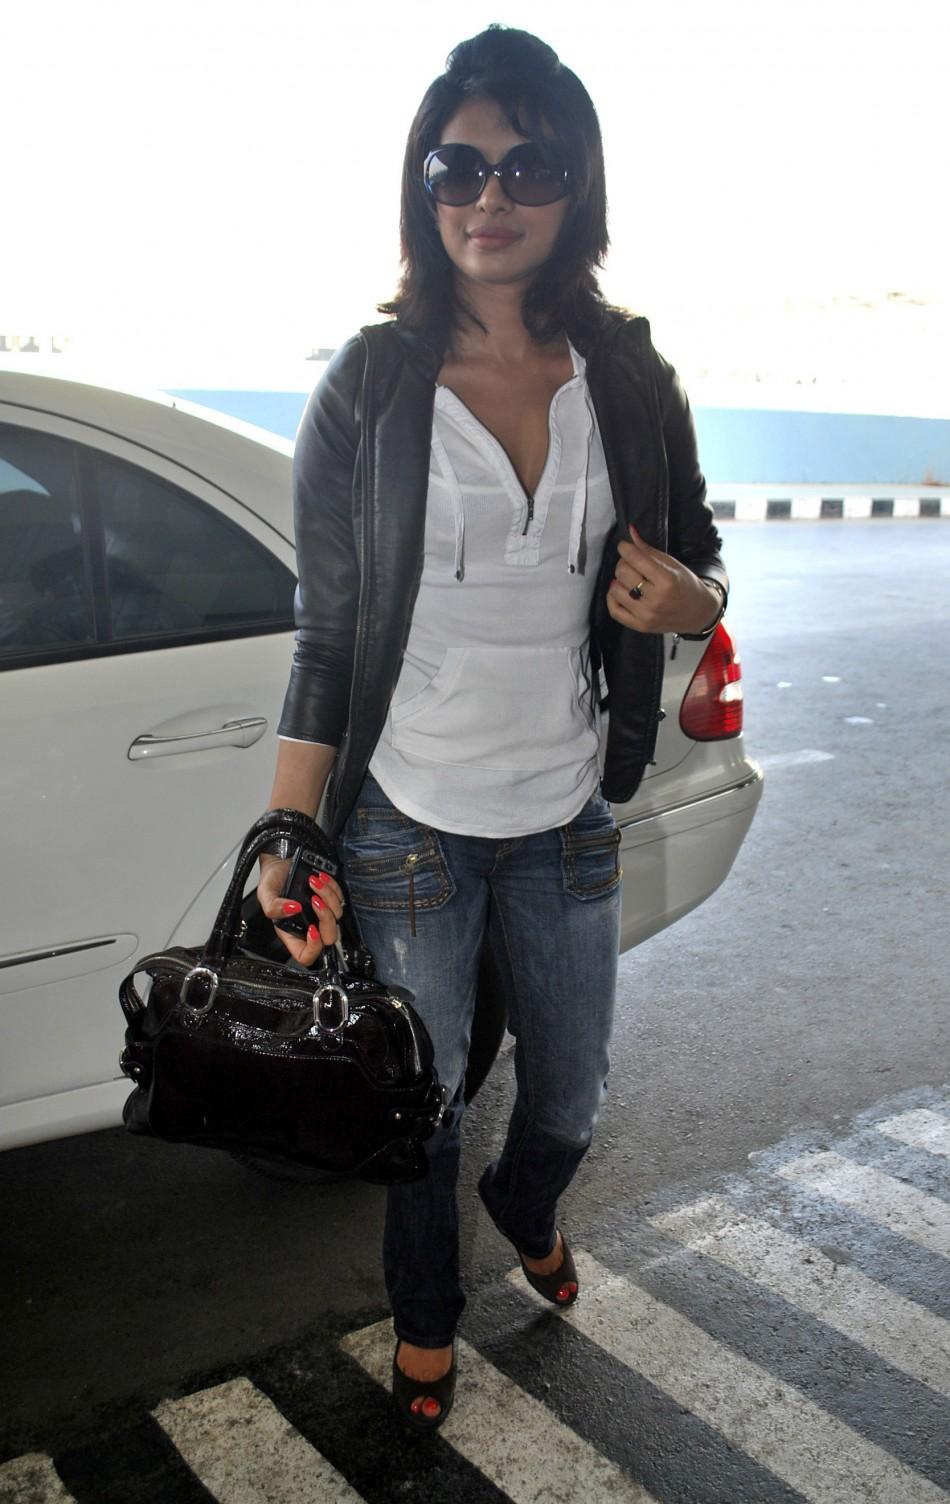 Bollywood actress Priyanka Chopra arrives at the airport in Mumbai